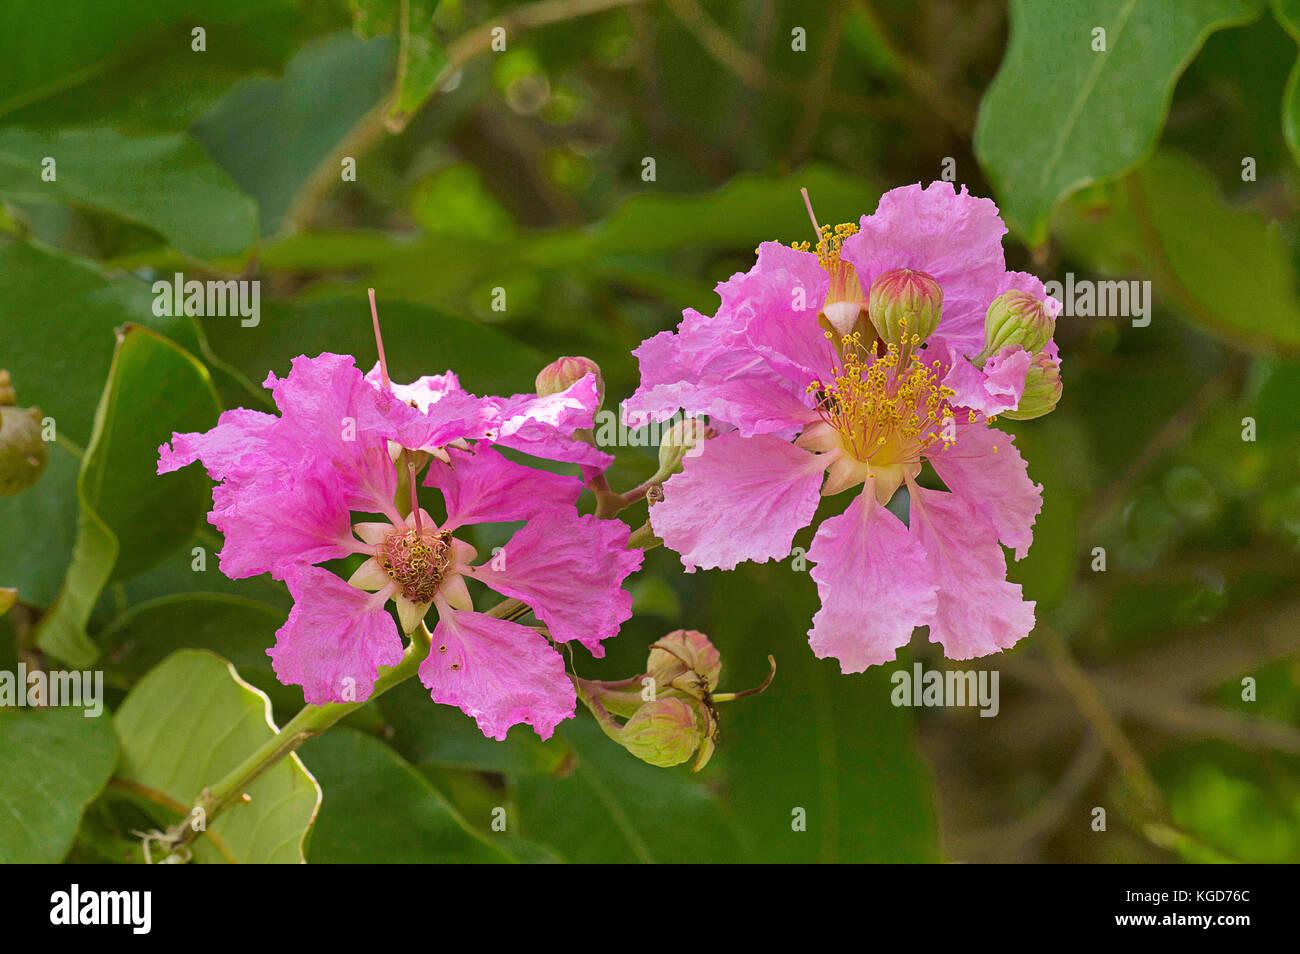 Lagerstroemia speciosa, Giant Crape-myrtle, Pink flower, Pune, Maharashtra Stock Photo